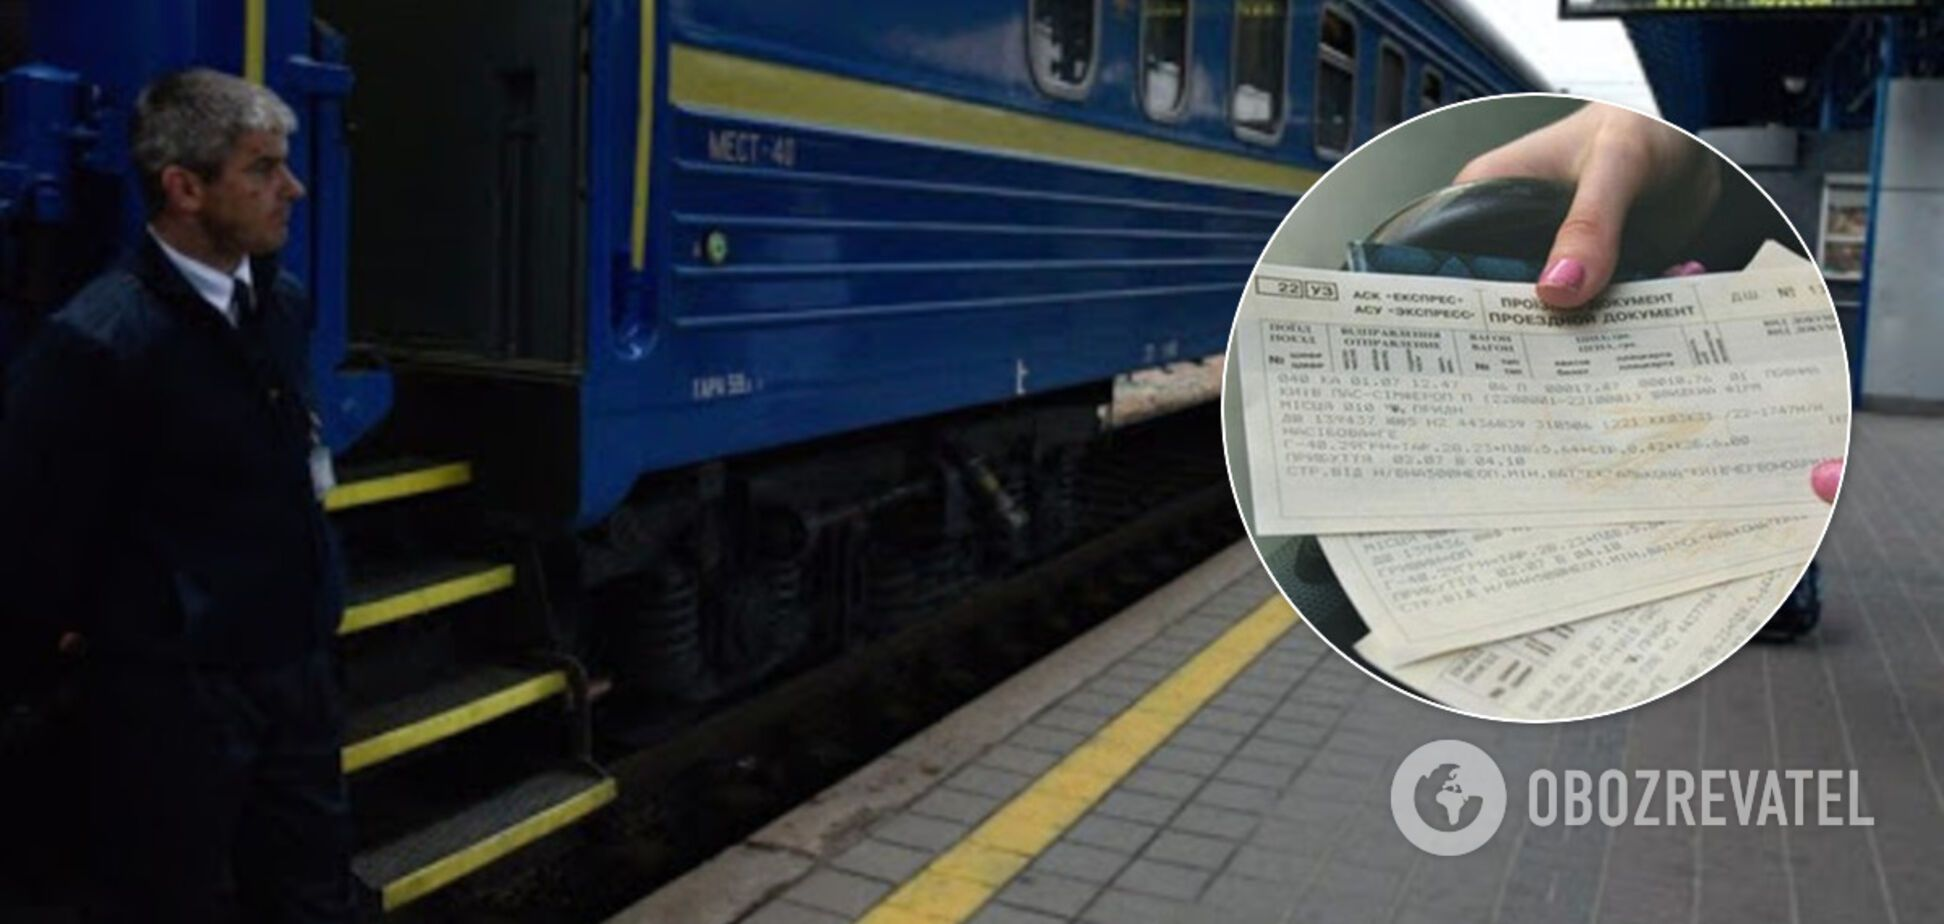 'Укрзалізниця' пояснила, що буде із квитками на скасовані міжнародні поїзди